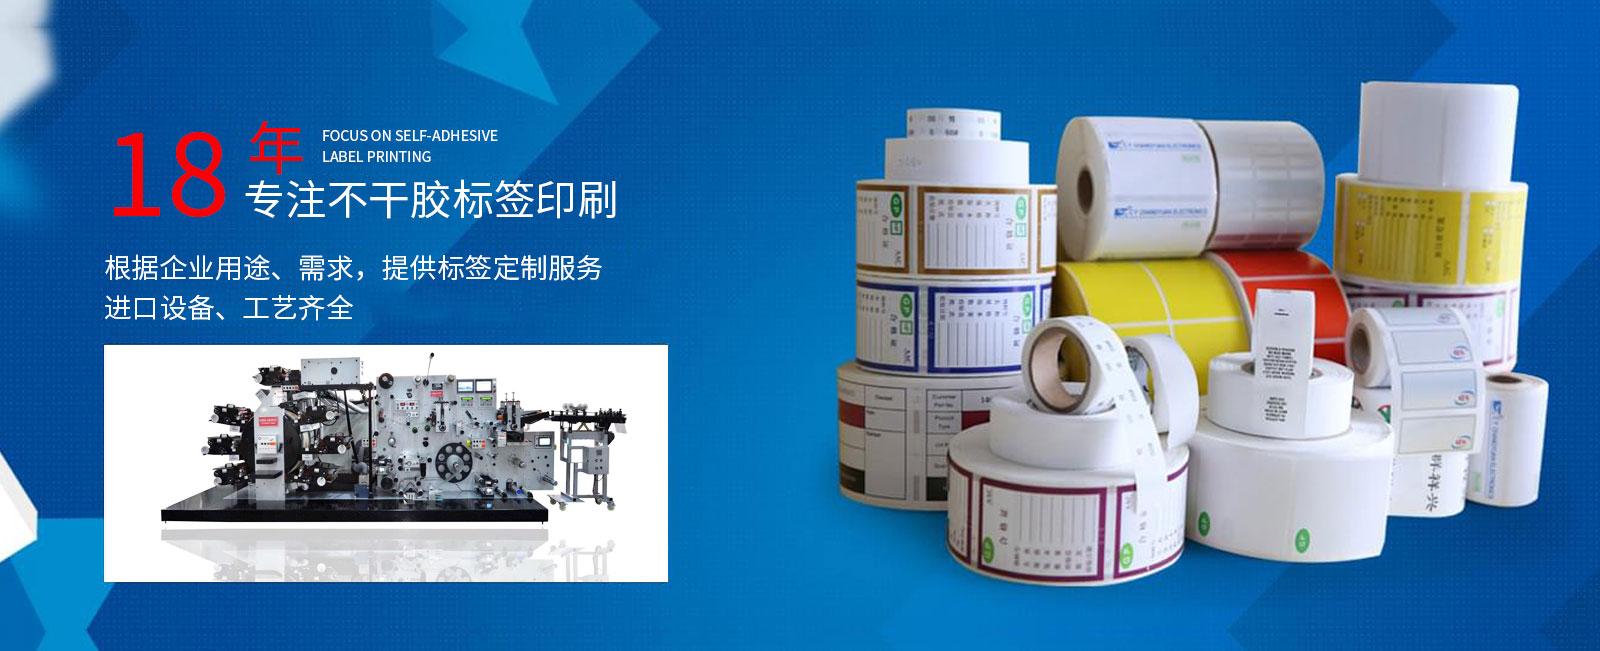 苏州明日印刷机械有限责任公司